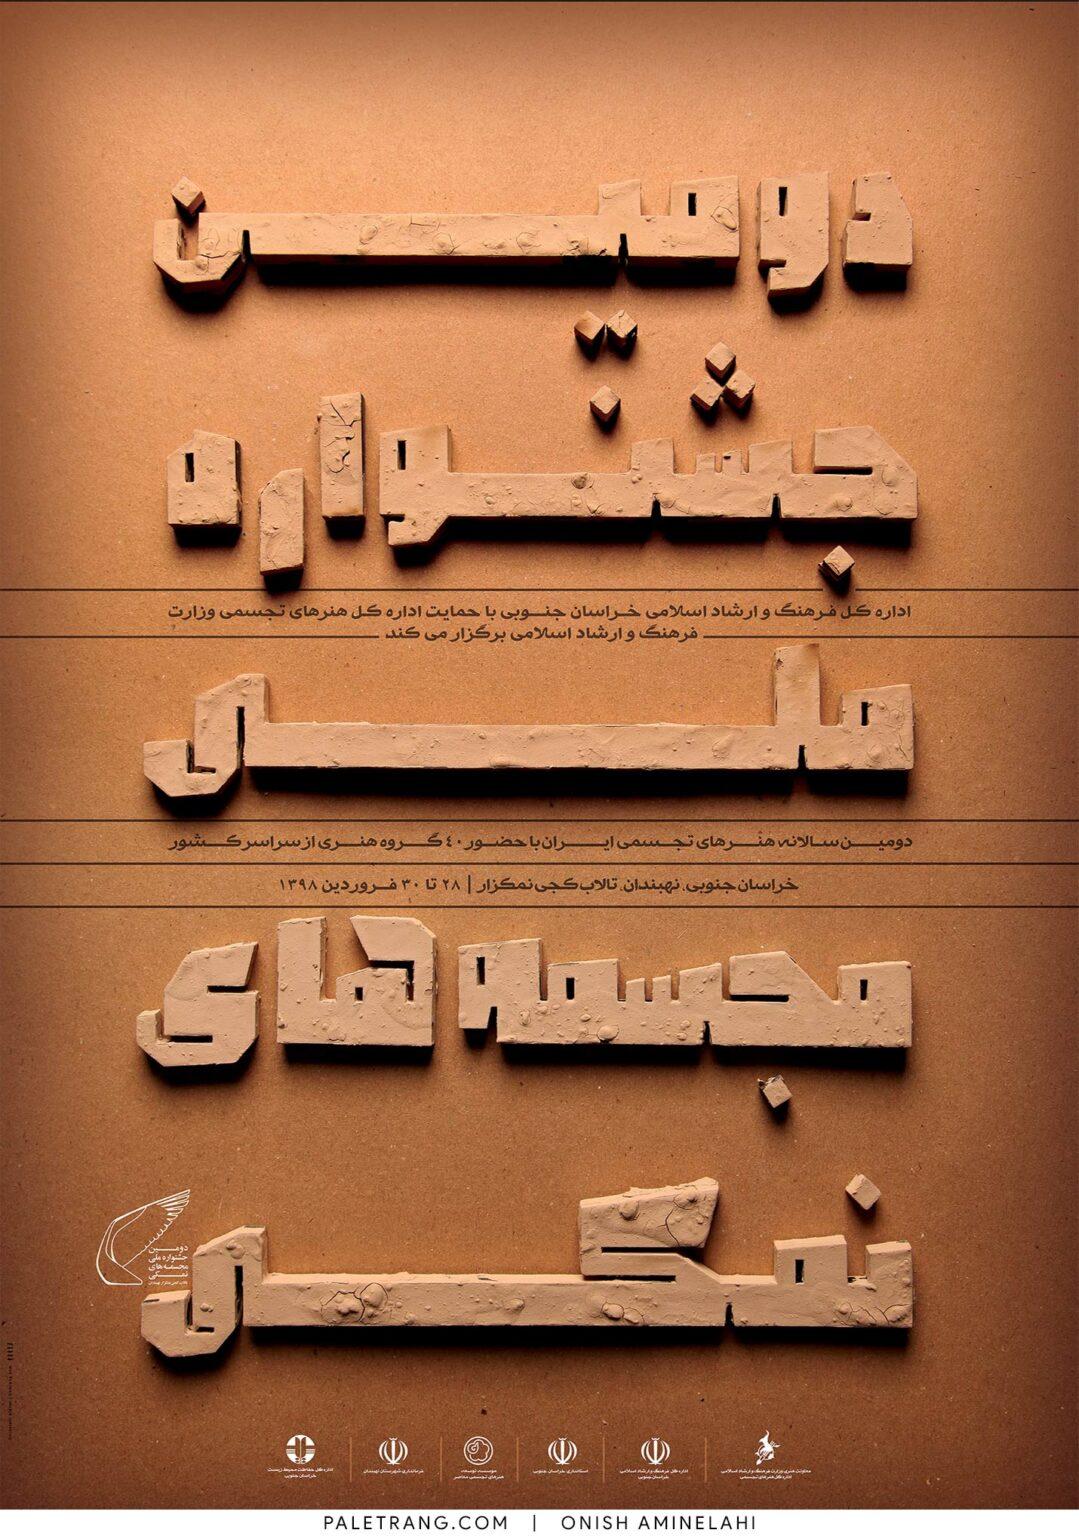 پوستر دومین جشنواره ملی مجسمه های نمکی اثر اونیش امین الهی